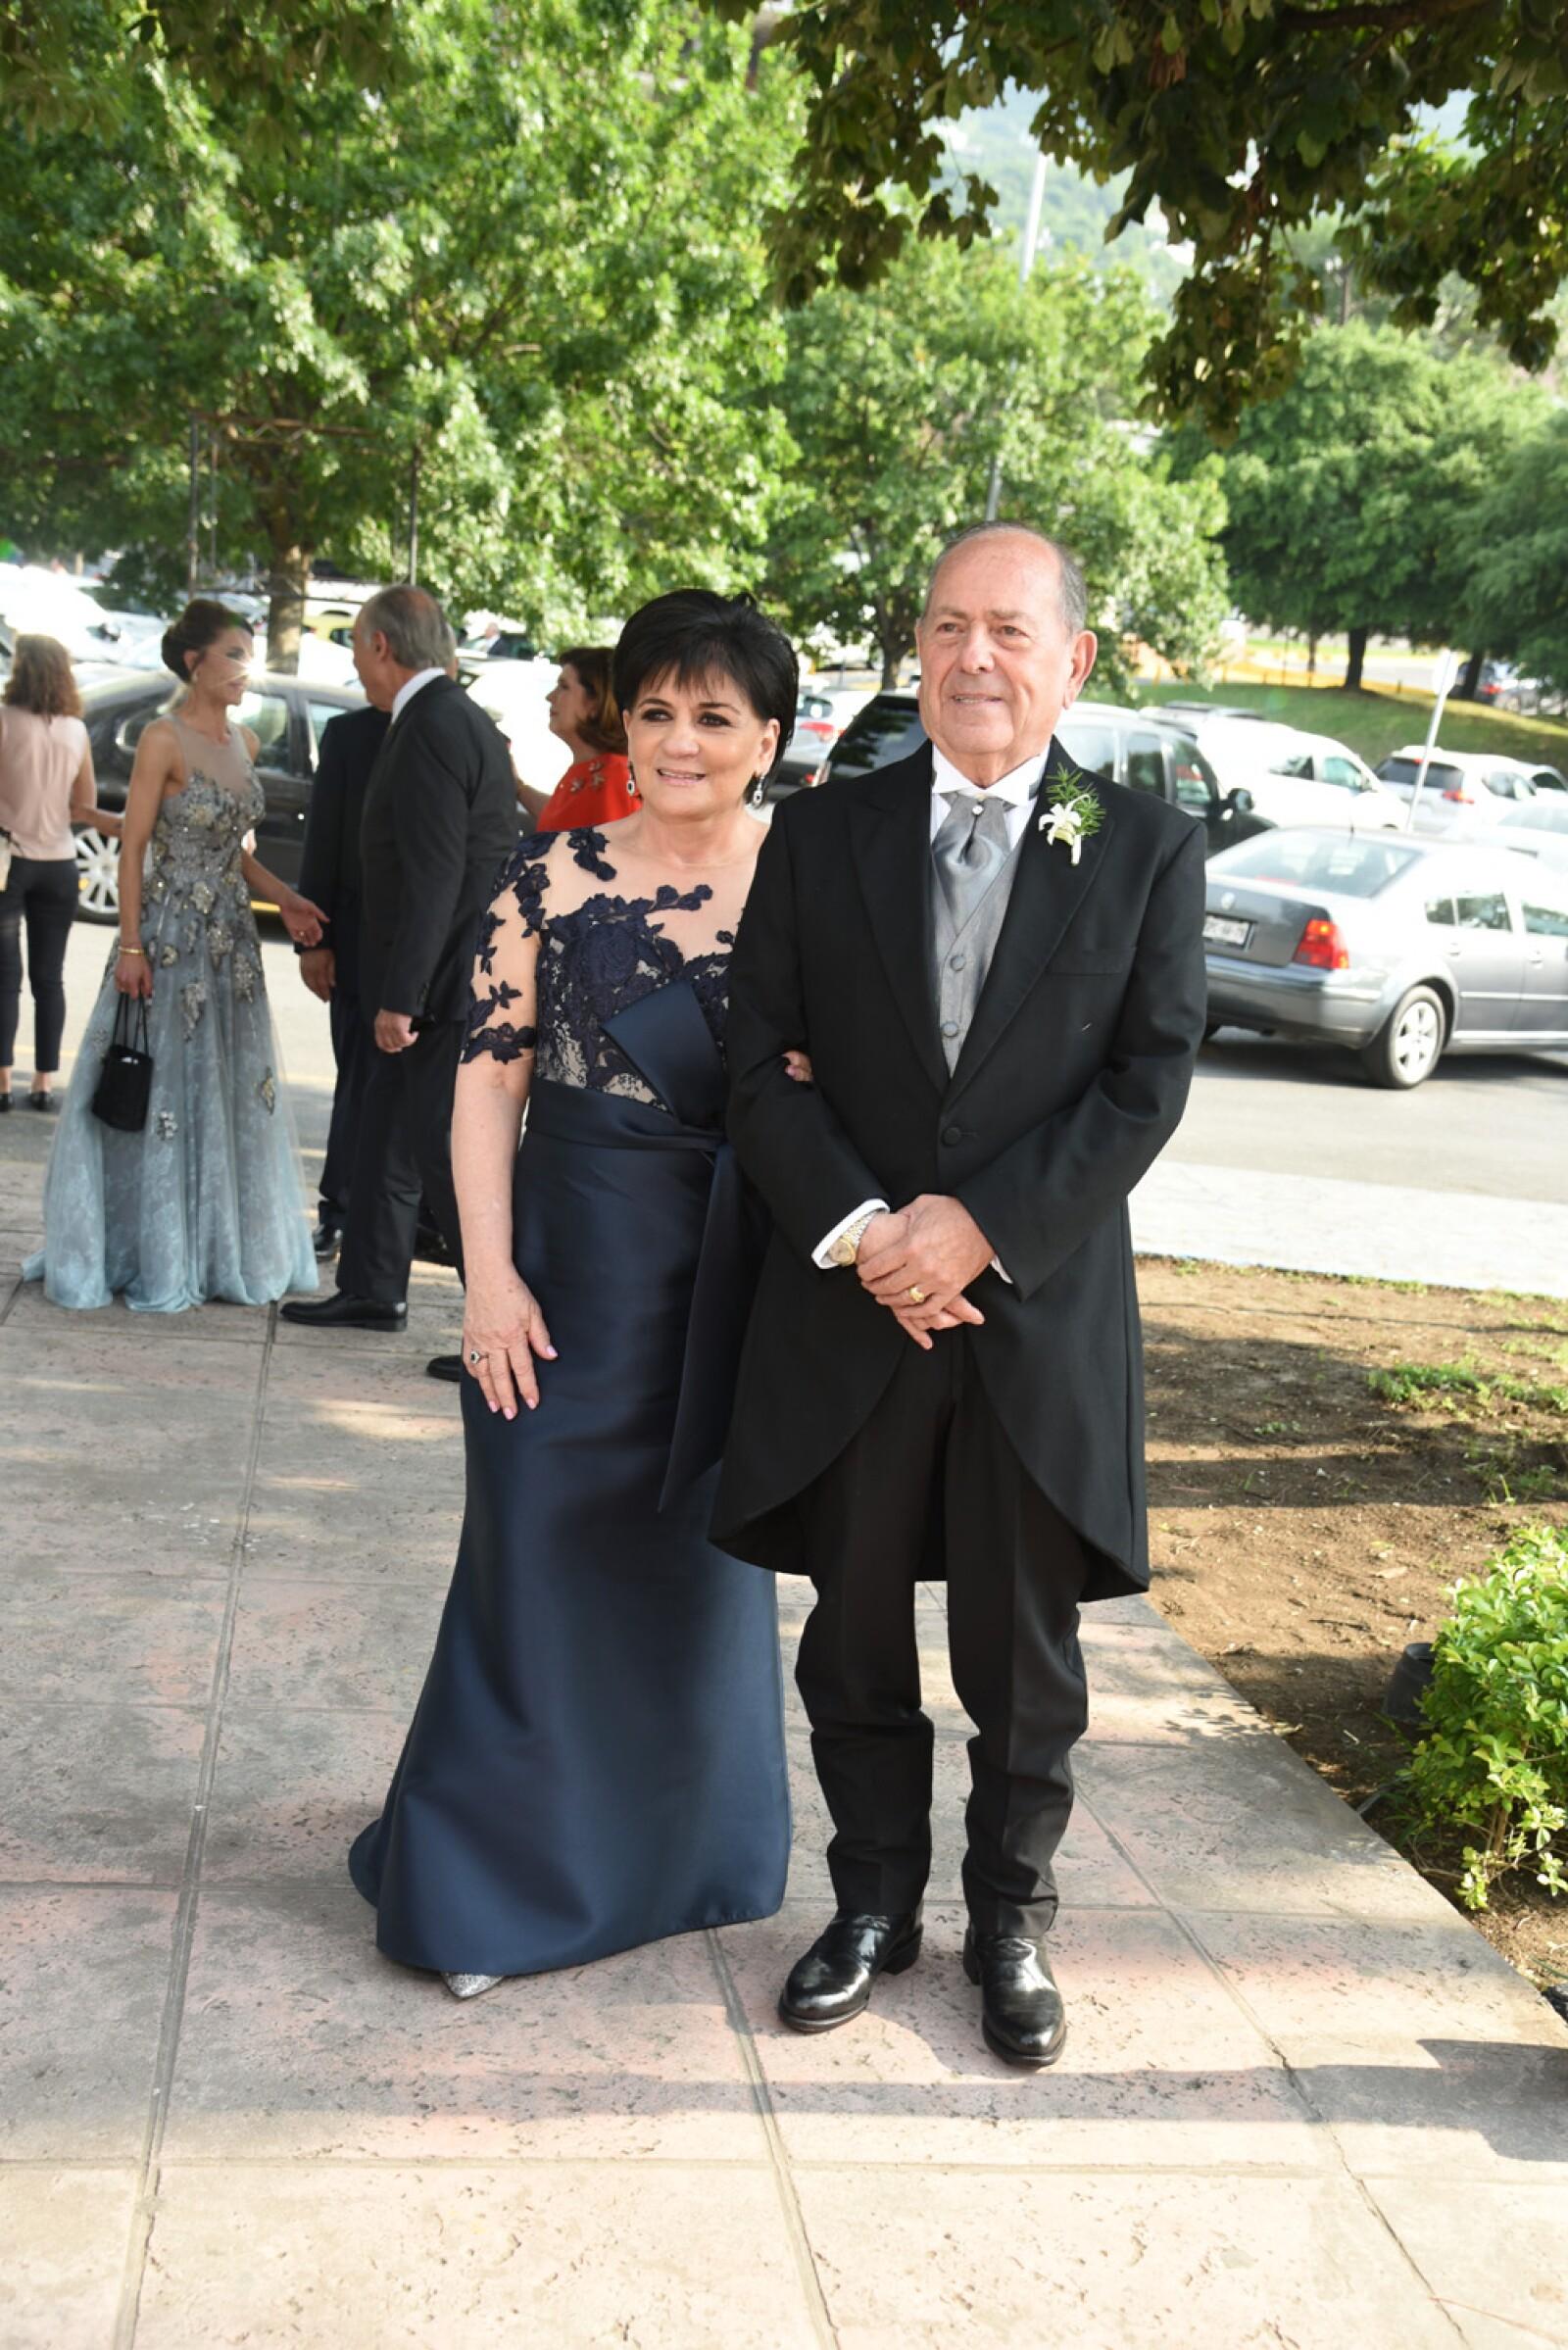 Sara Marcos de Escamilla y Javier Escamilla, pap†s del novio (1).jpg